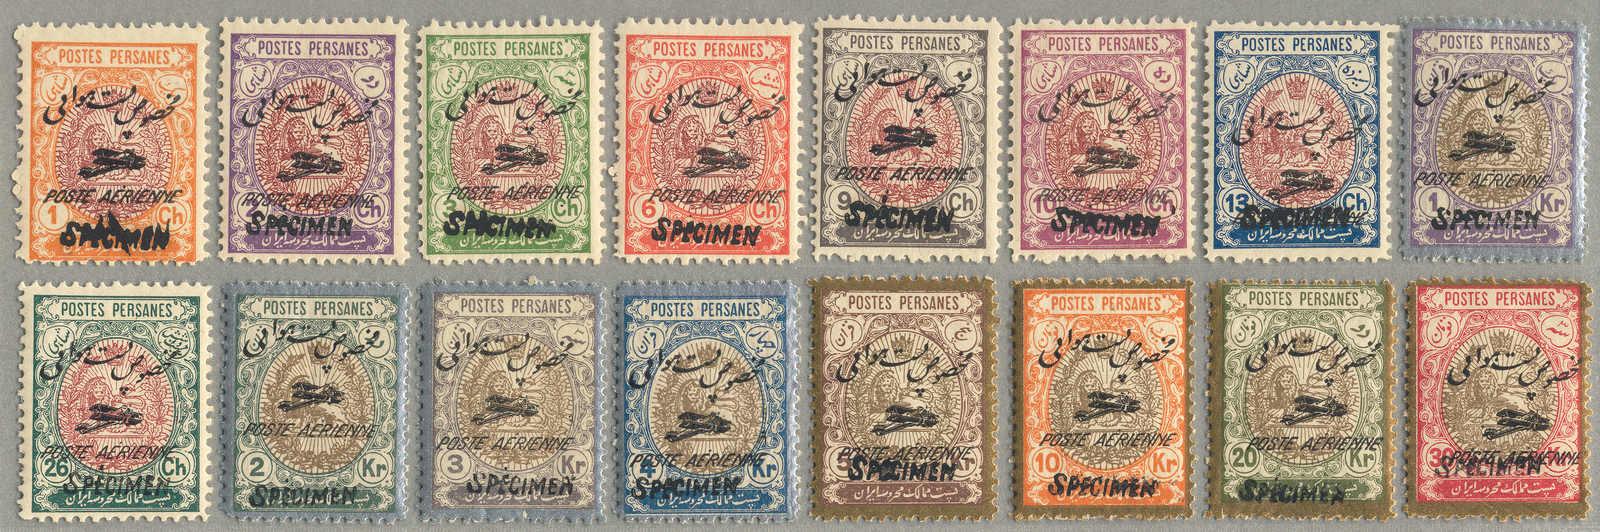 Lot 30635 - andere gebiete persien - iran -  classicphil GmbH 6'th classicphil Auction - Day 3